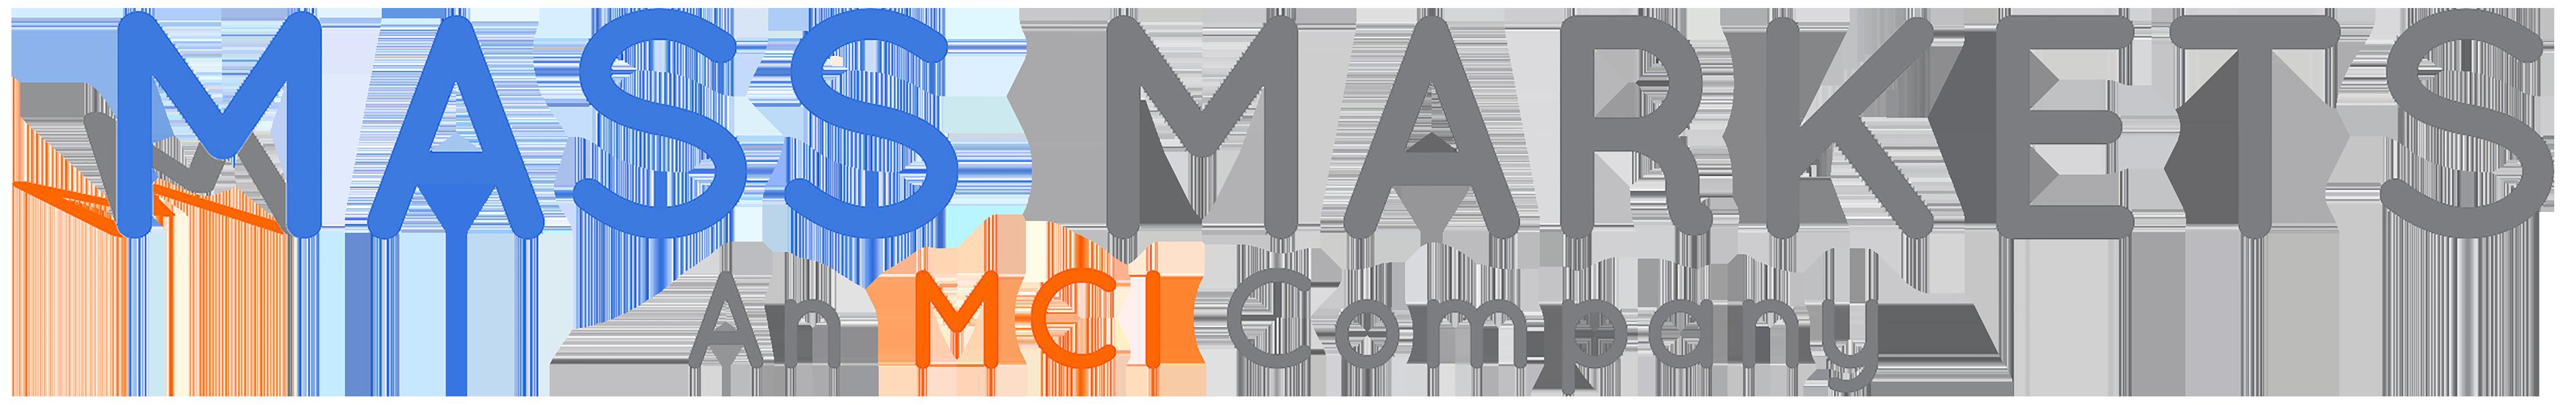 Mass Markets | US Contact Center Services